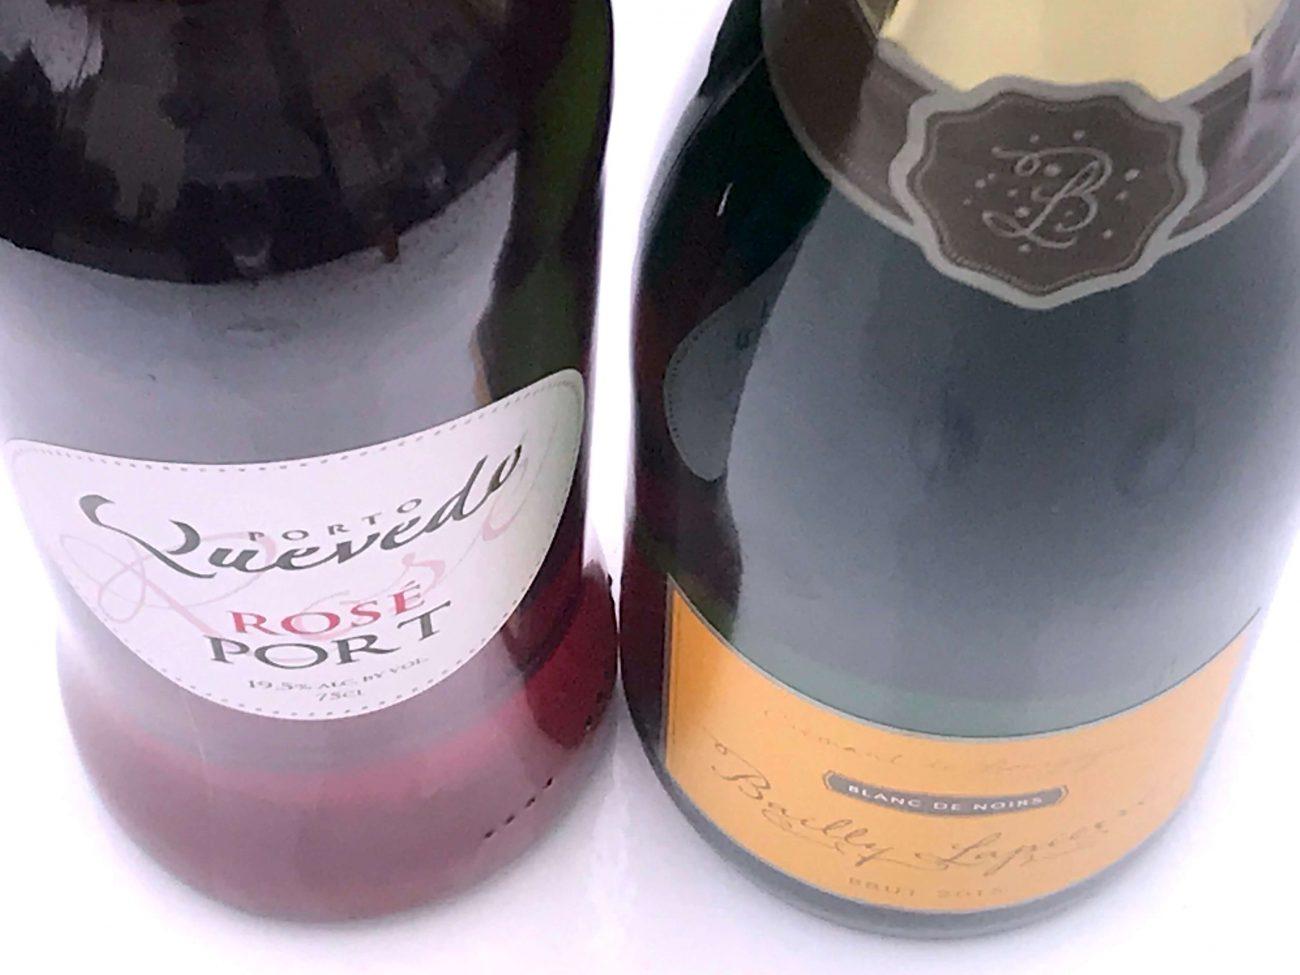 Portwein Pink Port Crémant Aperitif Cocktail